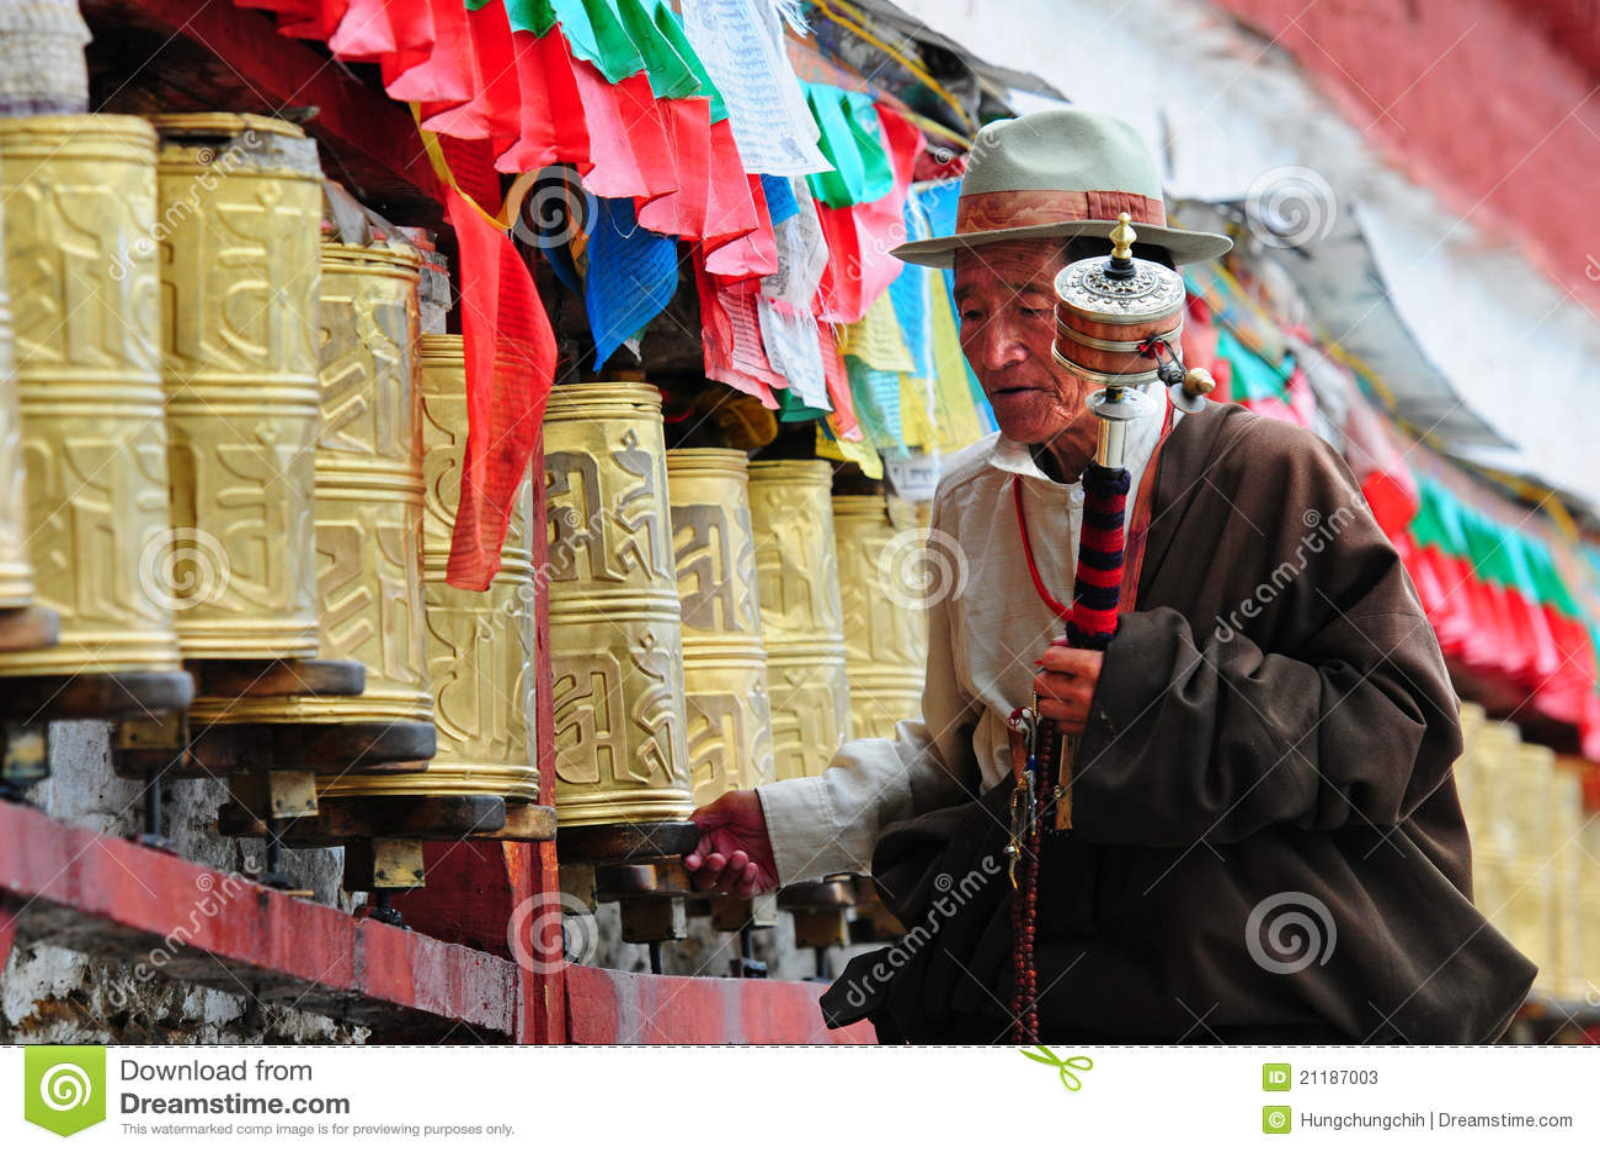 Tibetan pilgrim circles the Potala palace